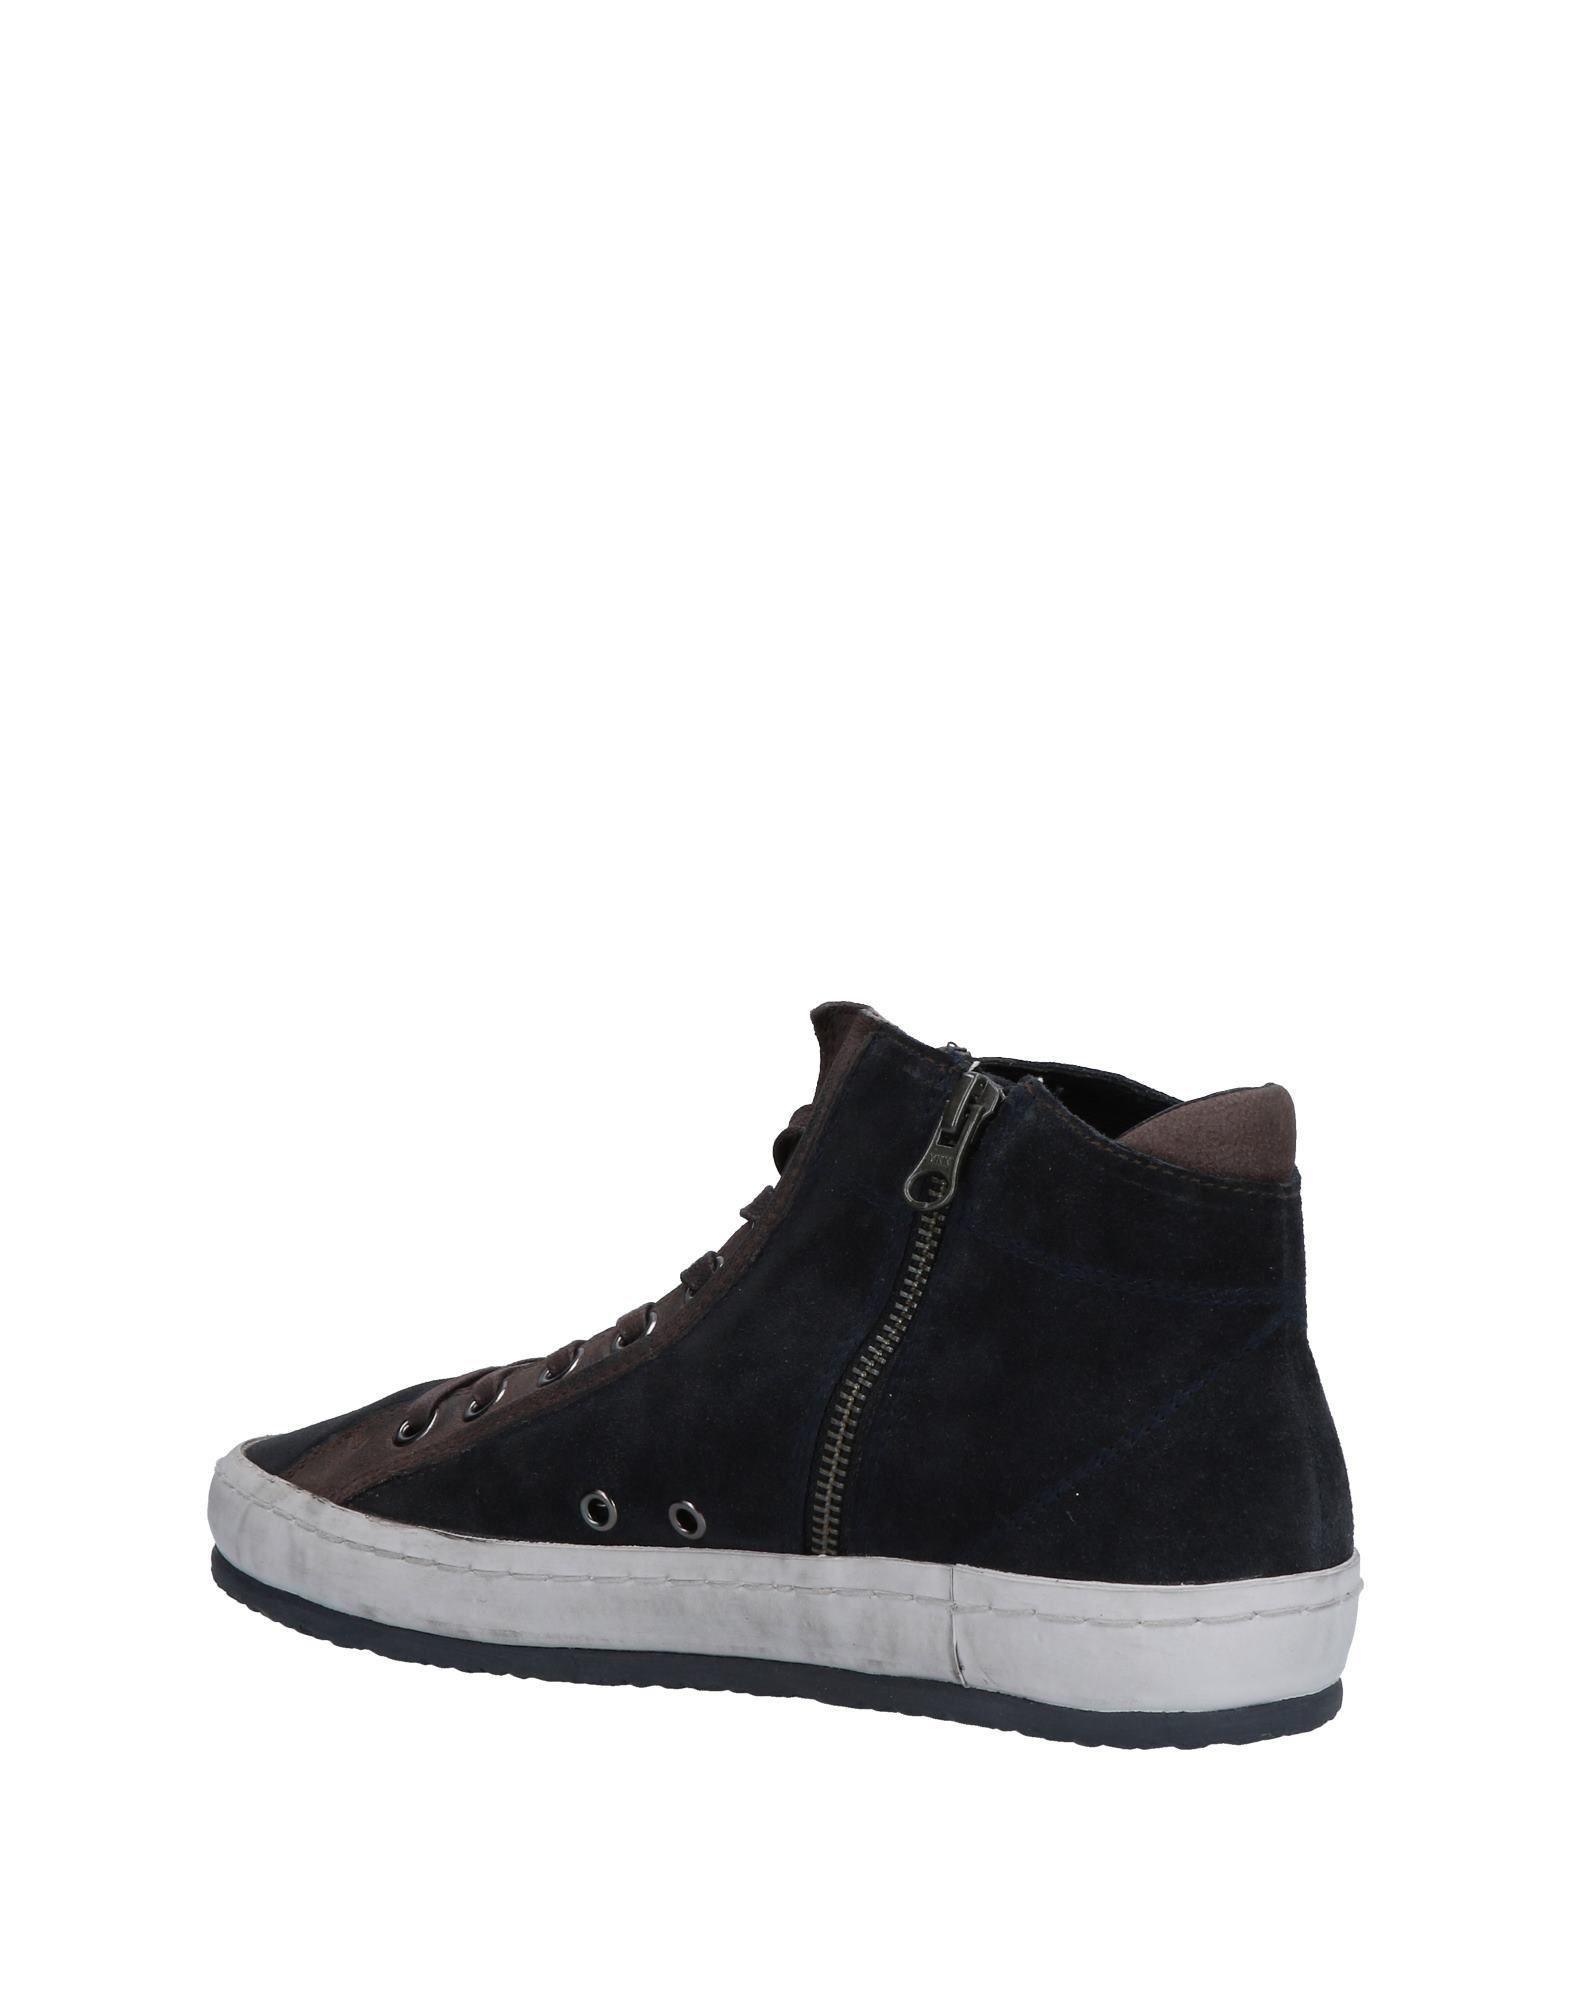 Rabatt echte Schuhe Crime London Sneakers Herren  11520947LA